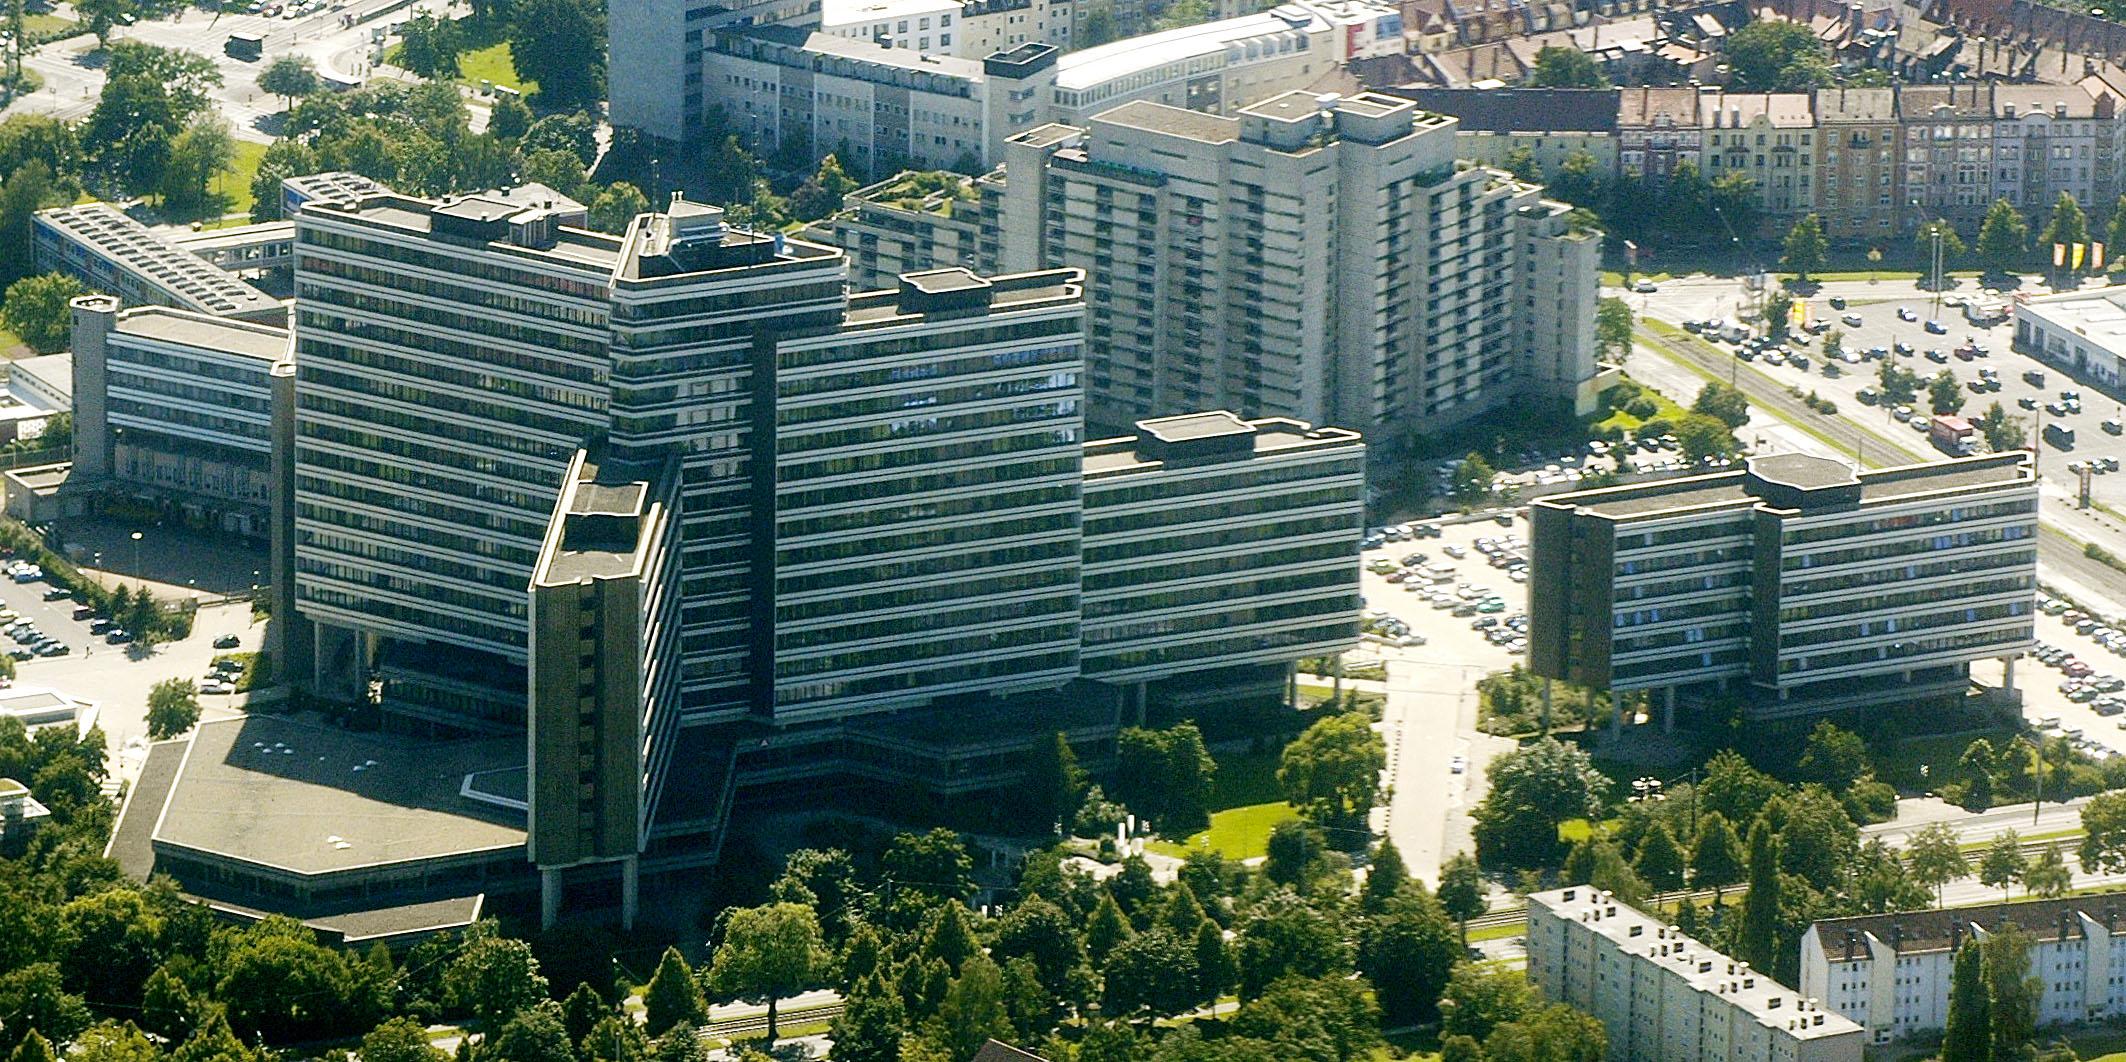 Bundesagentur für Arbeit - von Nicohofmann (Eigenes Werk) - CC-BY-SA-3.0 oder GFDL, durch Wikimedia Commons